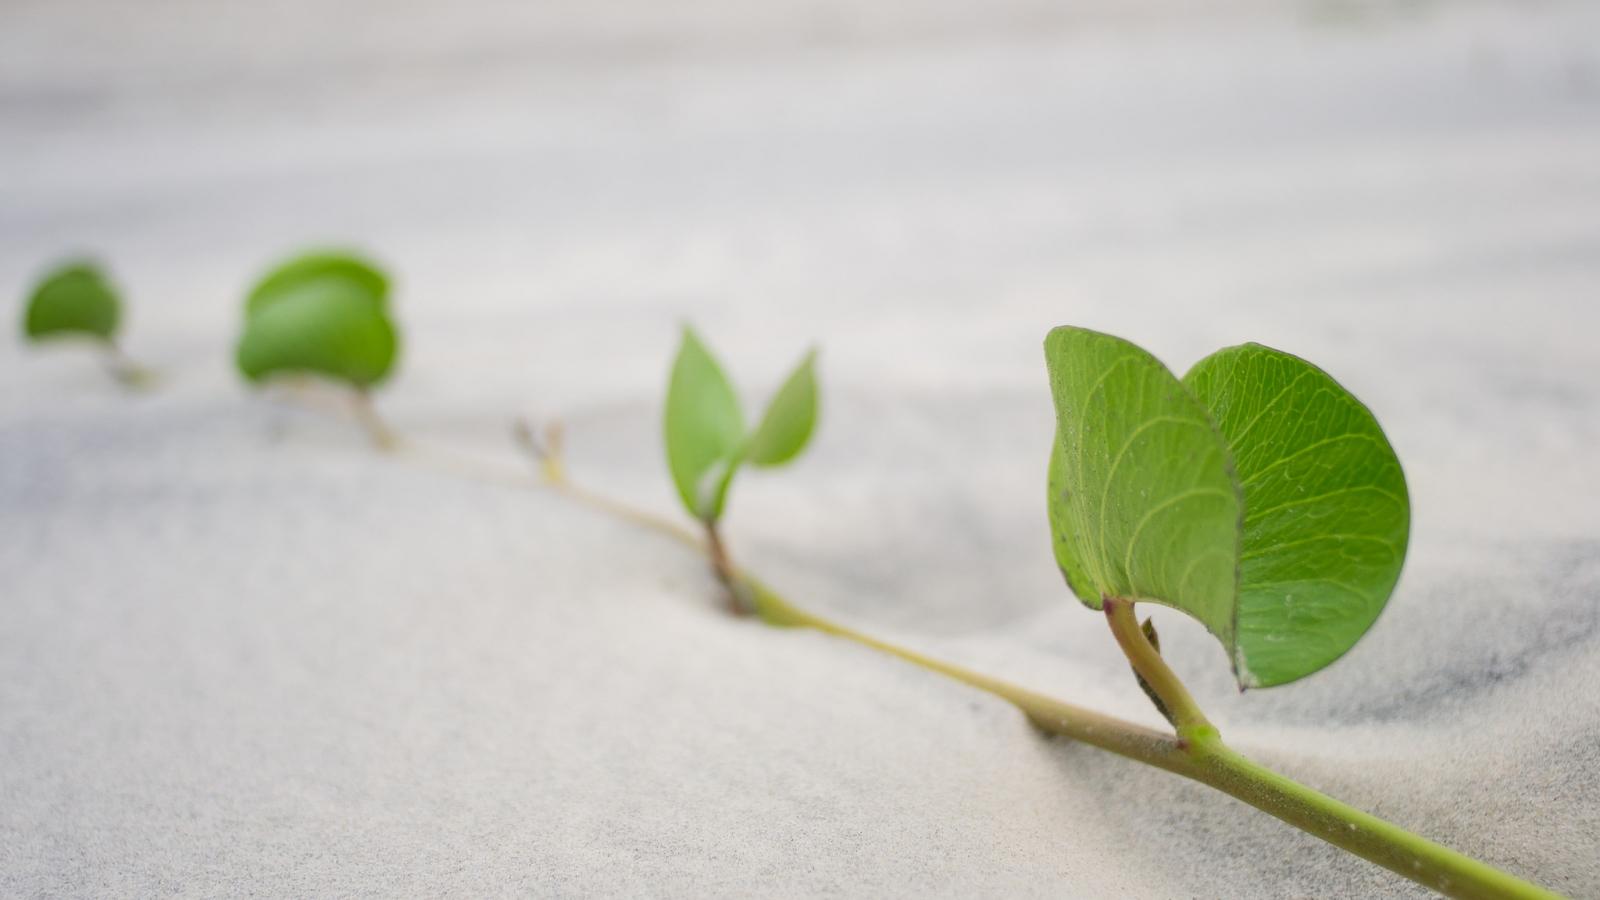 Hojas de plantas en la arena - 1600x900